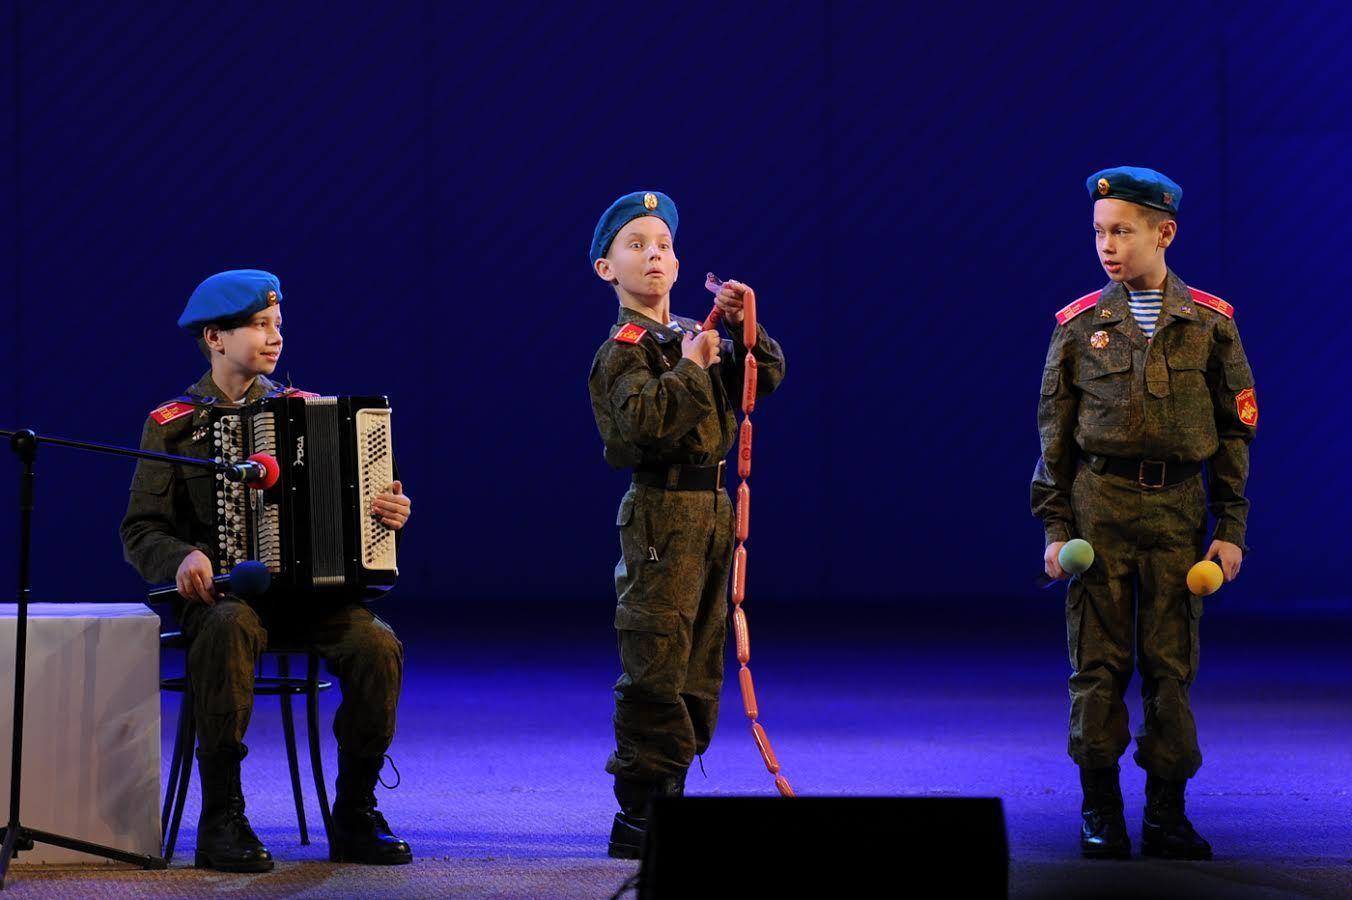 Масляков «Заукрепление боевого содружества» получил медаль